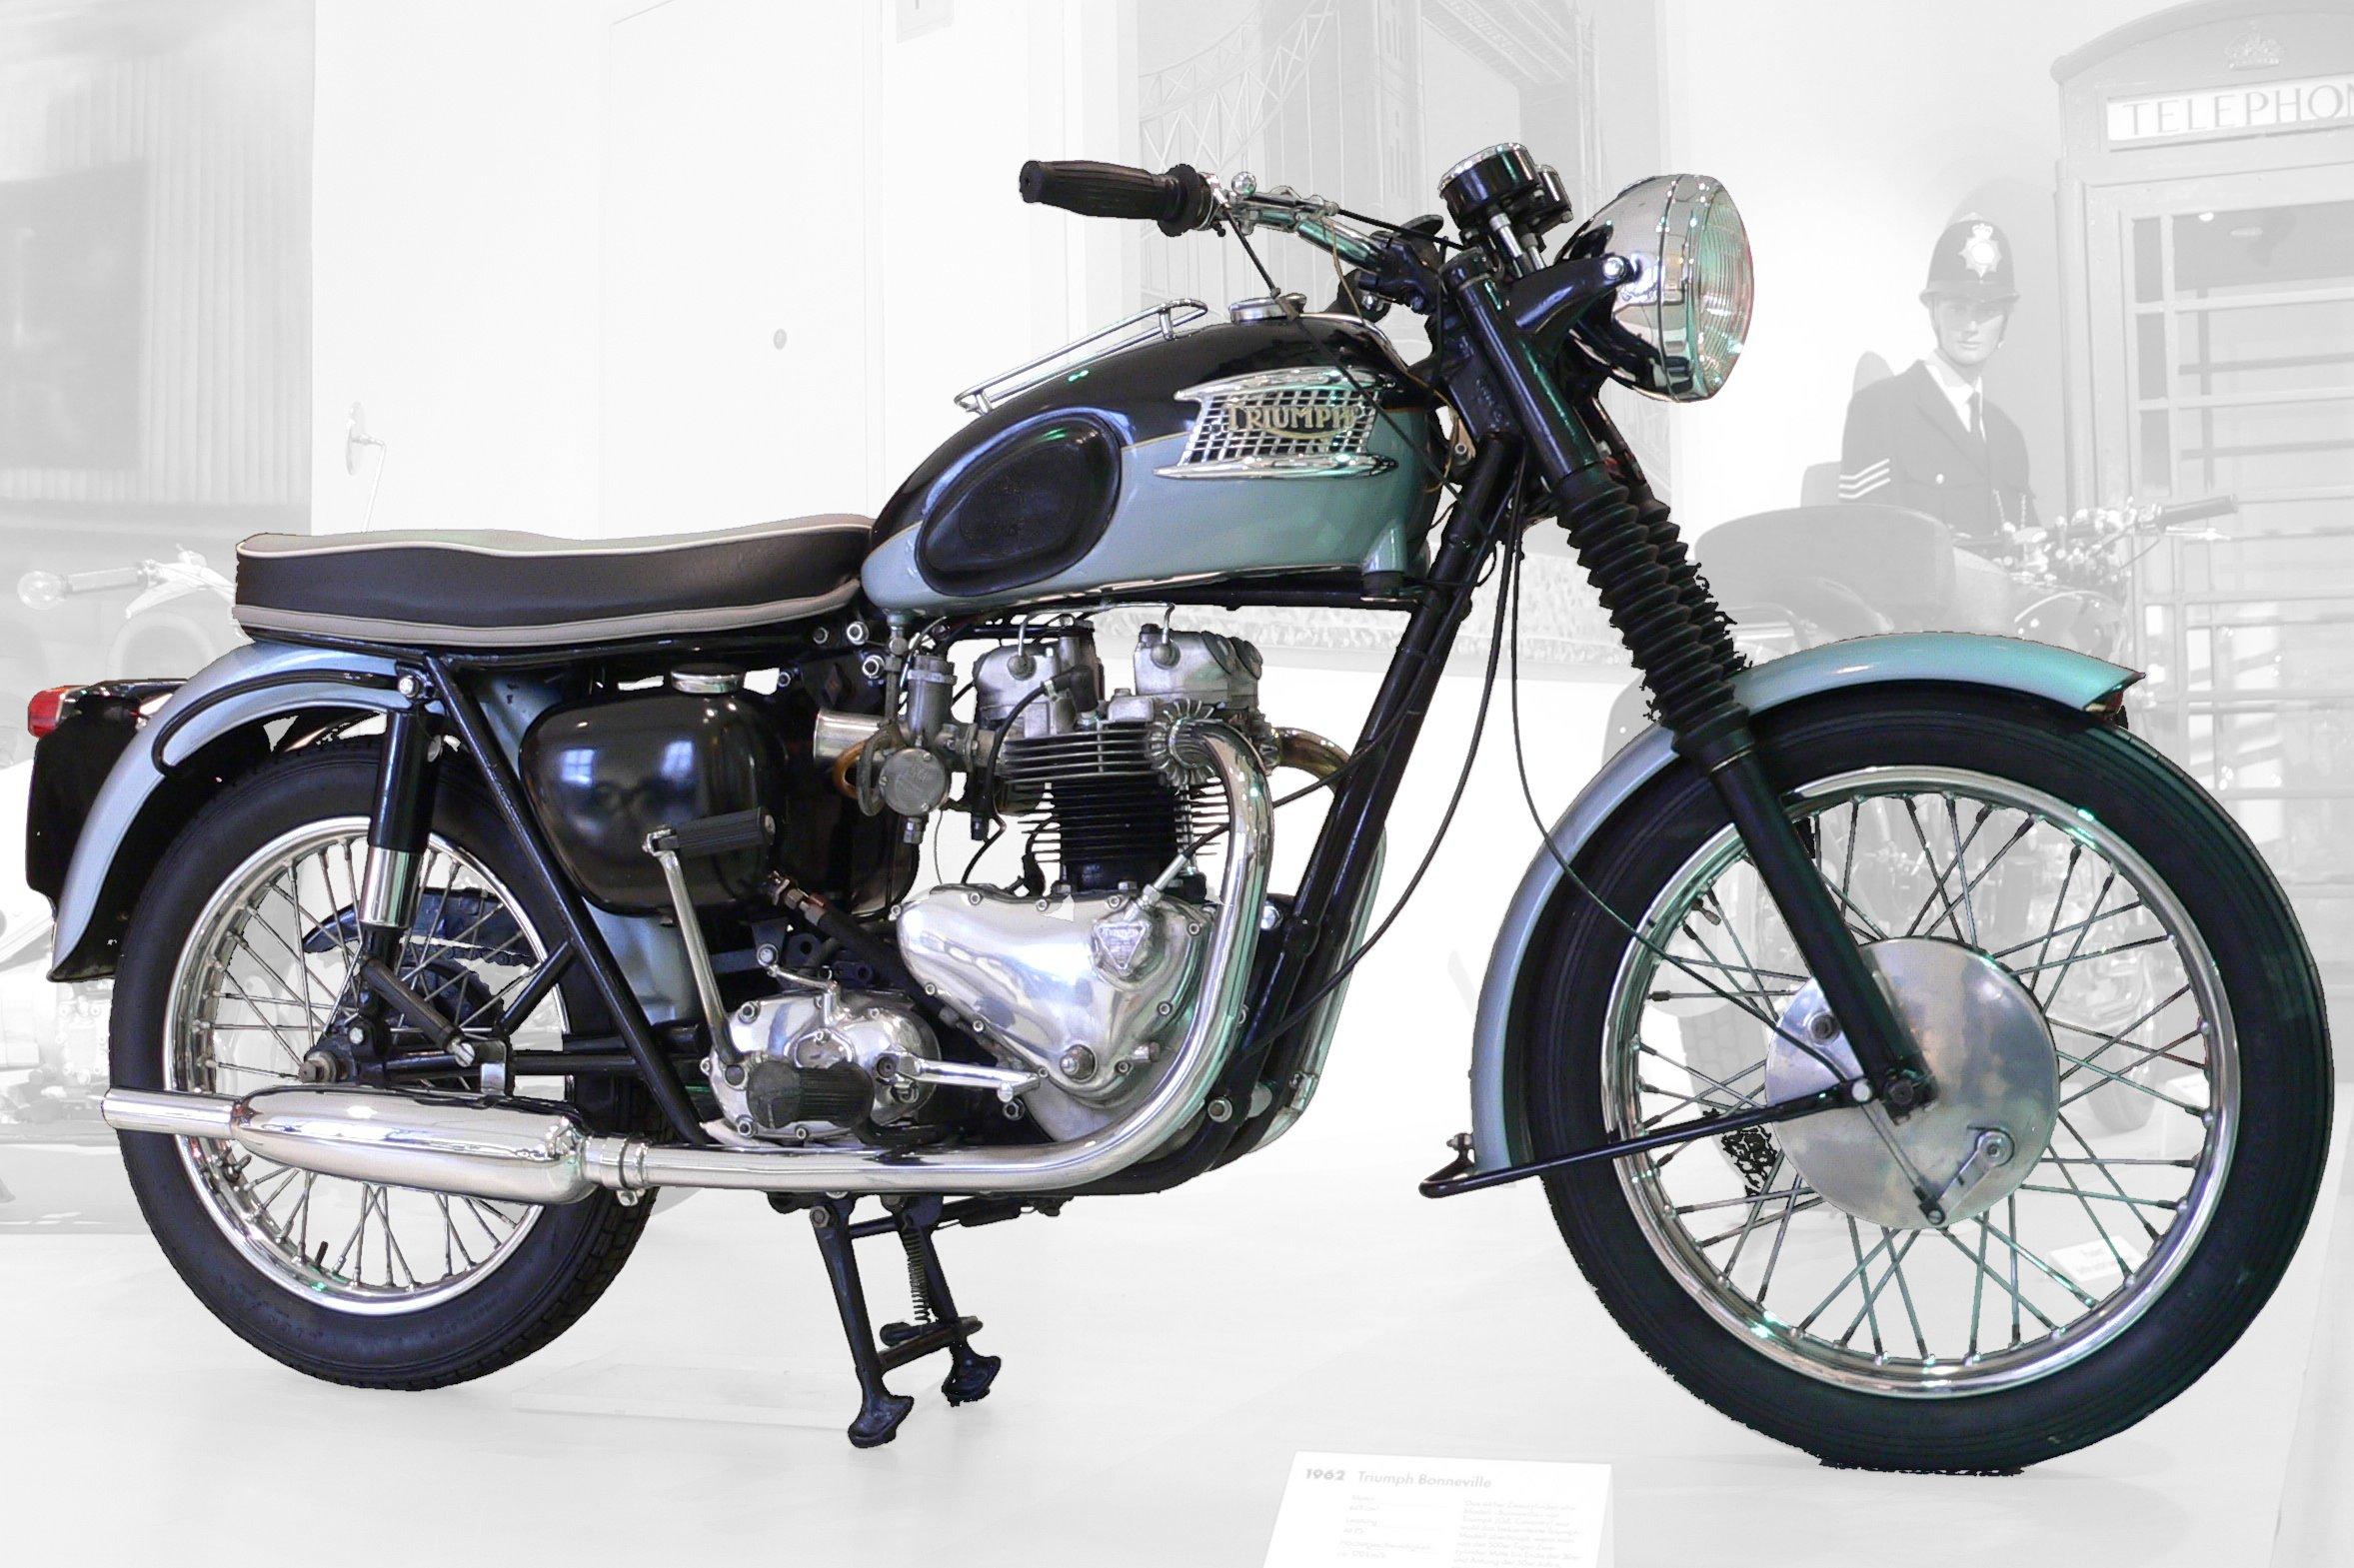 Motos anglaises Triumph_Bonneville